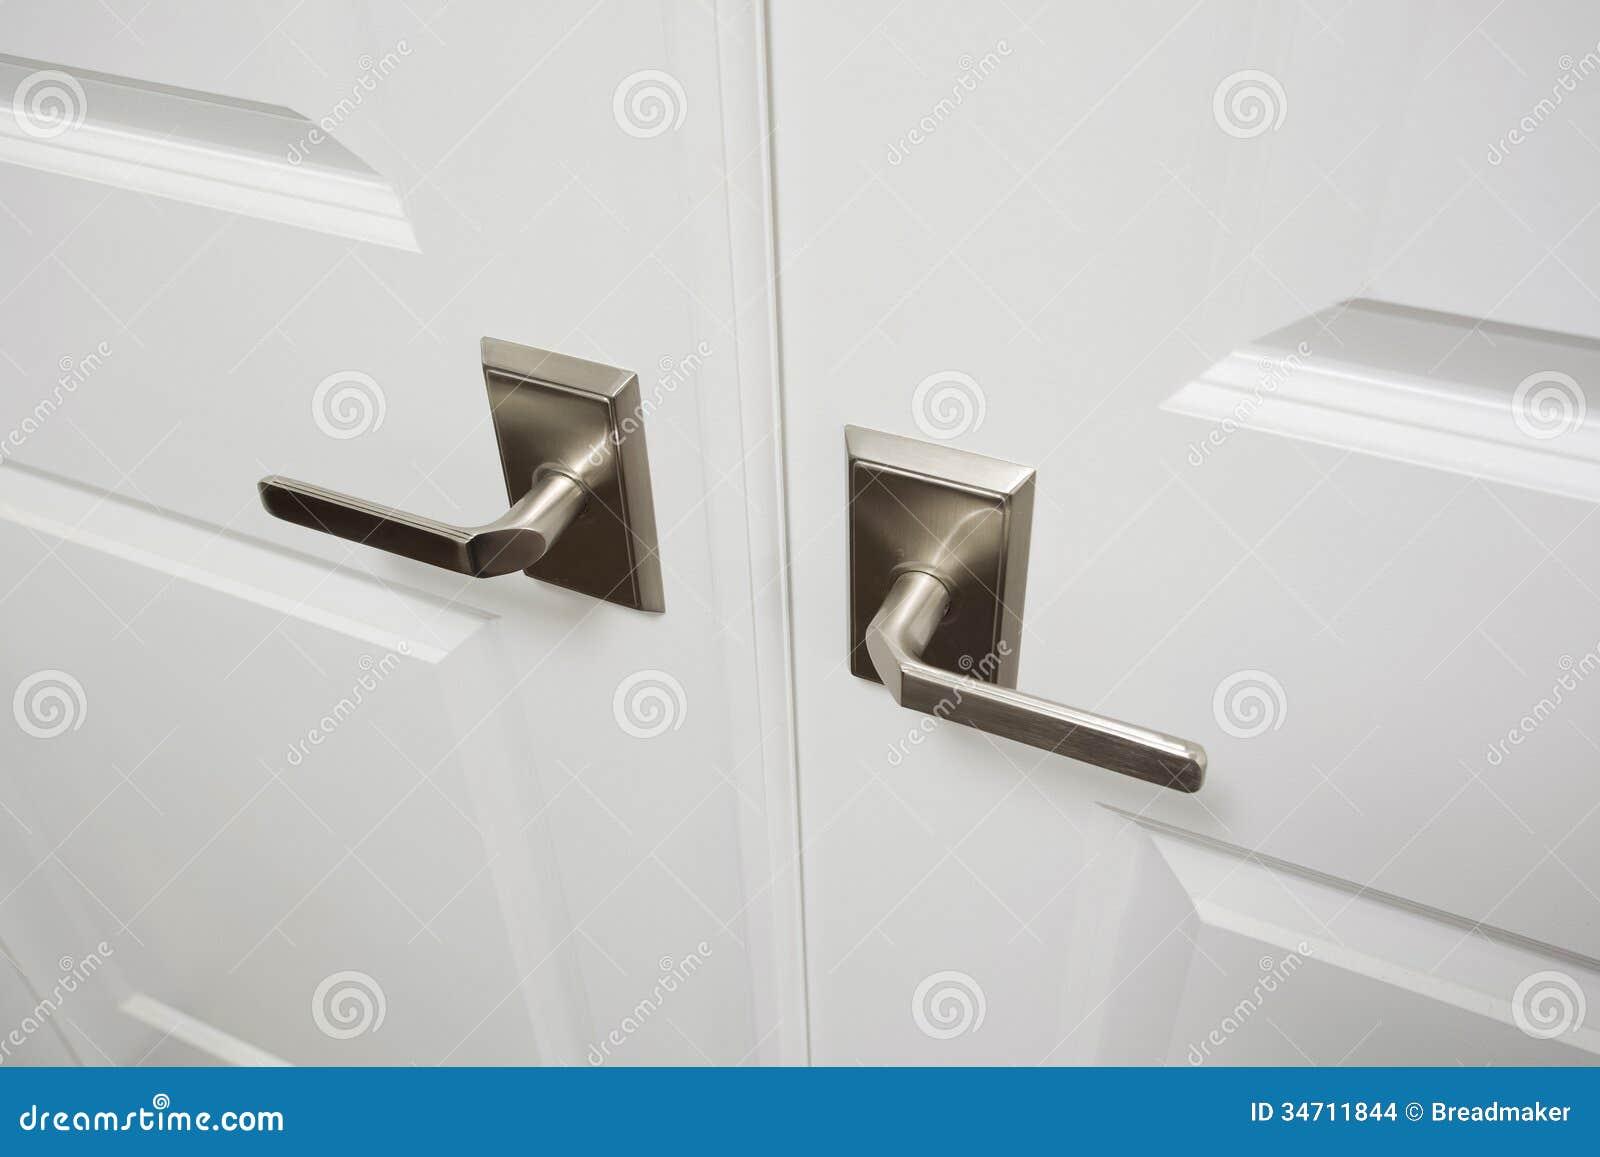 Door Handles Inside New Luxury Home Stock Images Image